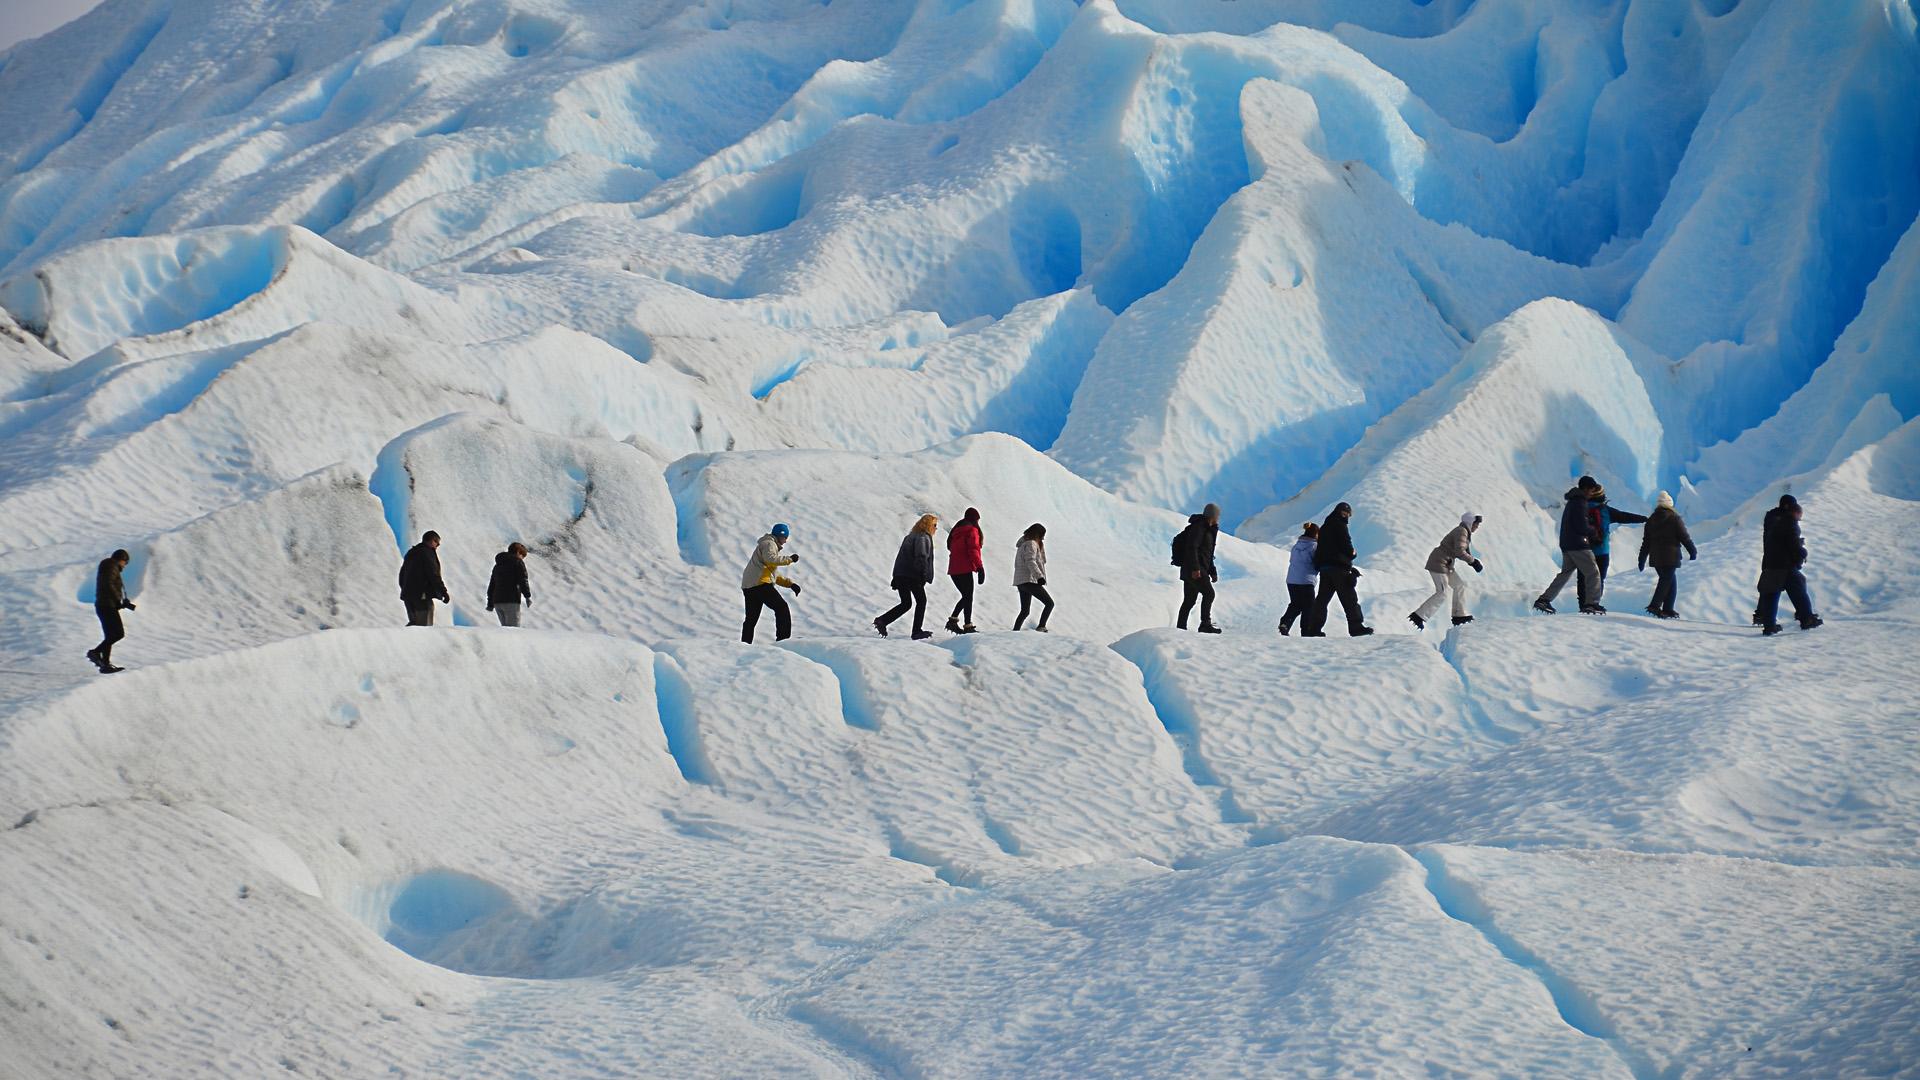 En los andes fueguinos cambia la orientación de la Cordillera en sentido oeste-este y disminuye considerablemente su altura (Foto del Glaciar Perito Moreno)